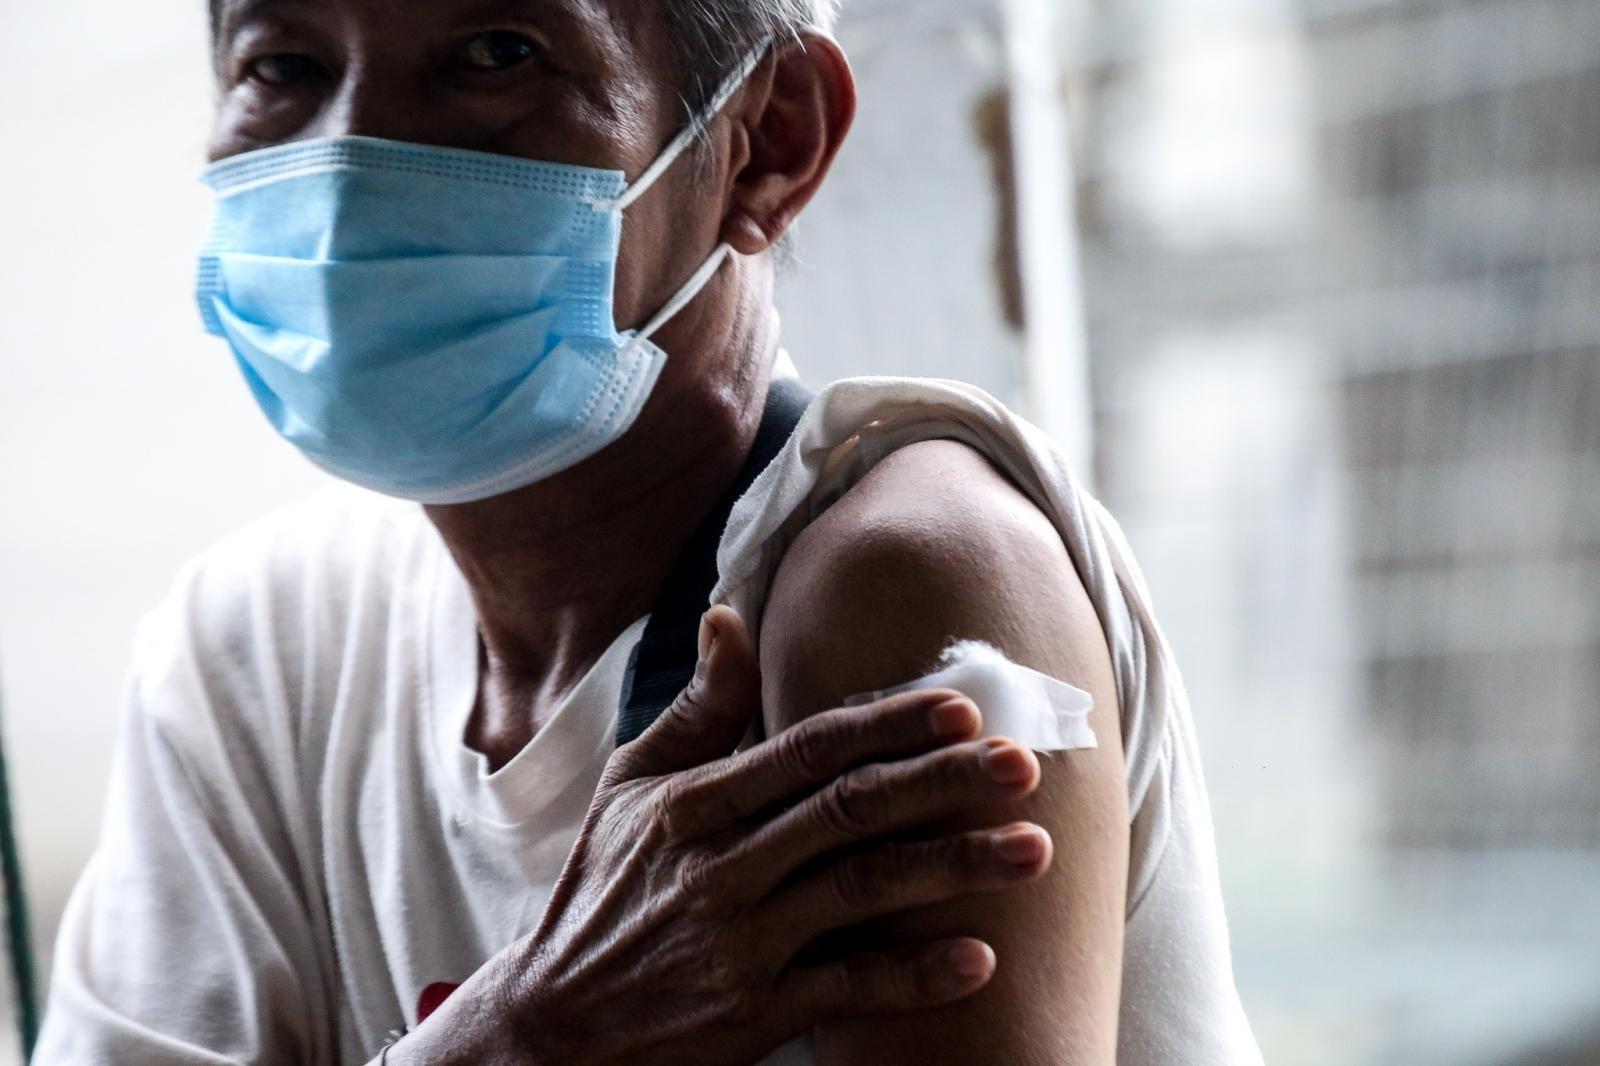 """อัปเดตข้อมูล """"การฉีดวัคซีนโควิด-19 สองเข็มต่างชนิดกัน"""" ทำได้หรือไม่?"""